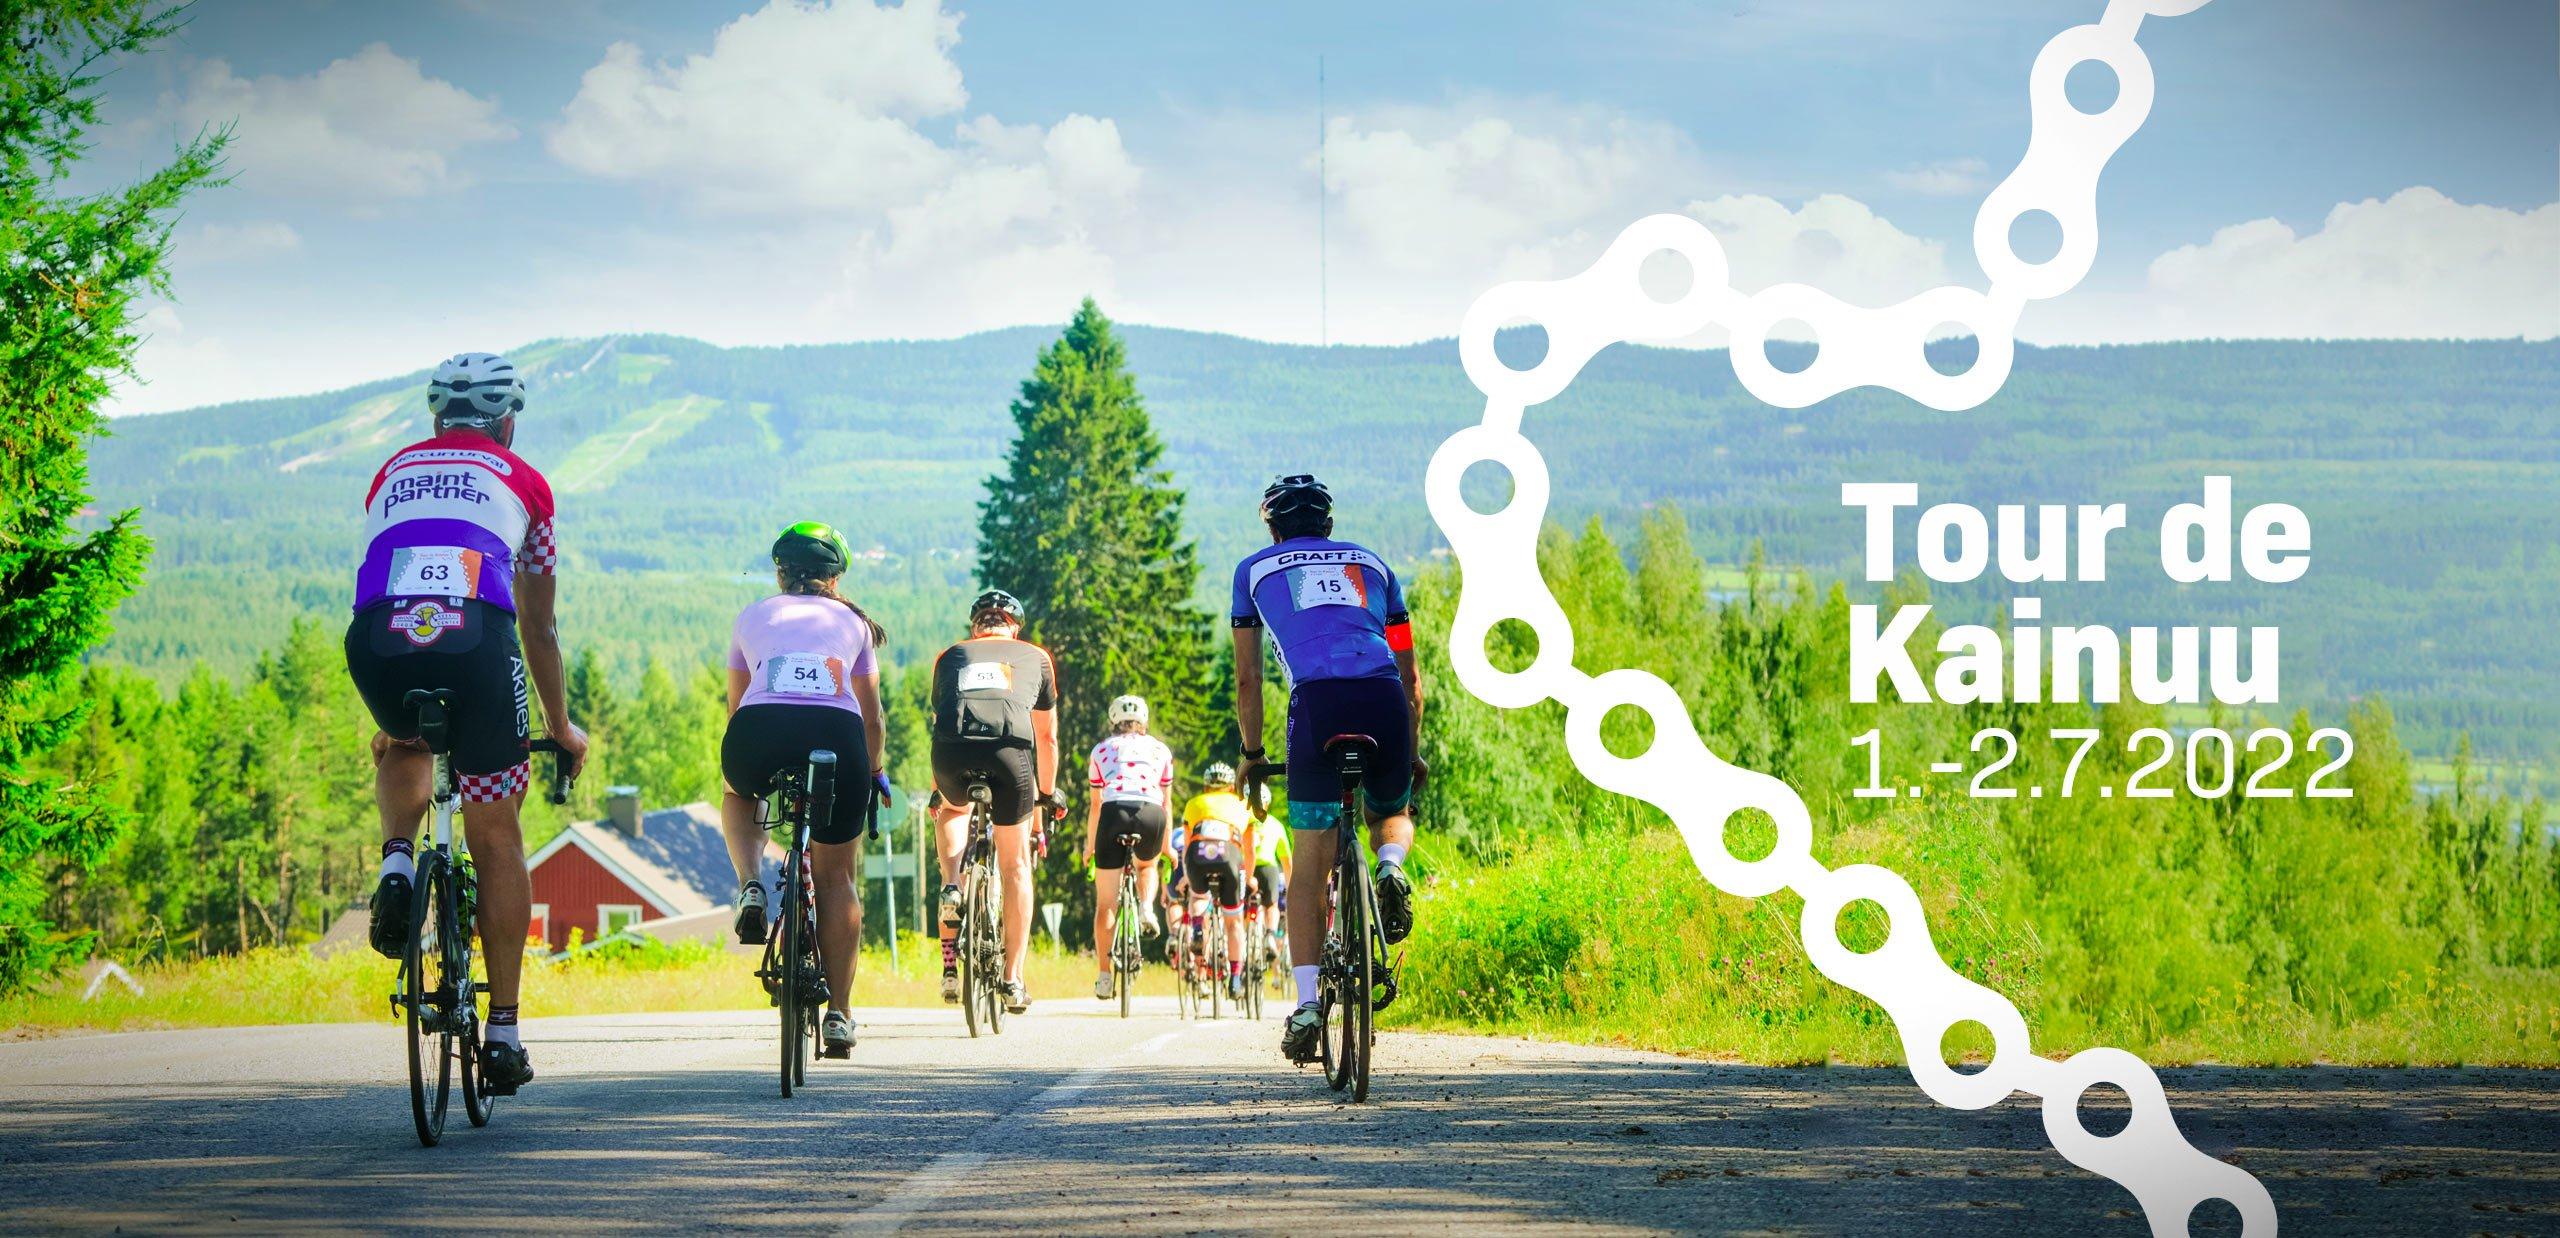 Maantiepyöräilijät pyöräilemässä vaaranpäällä